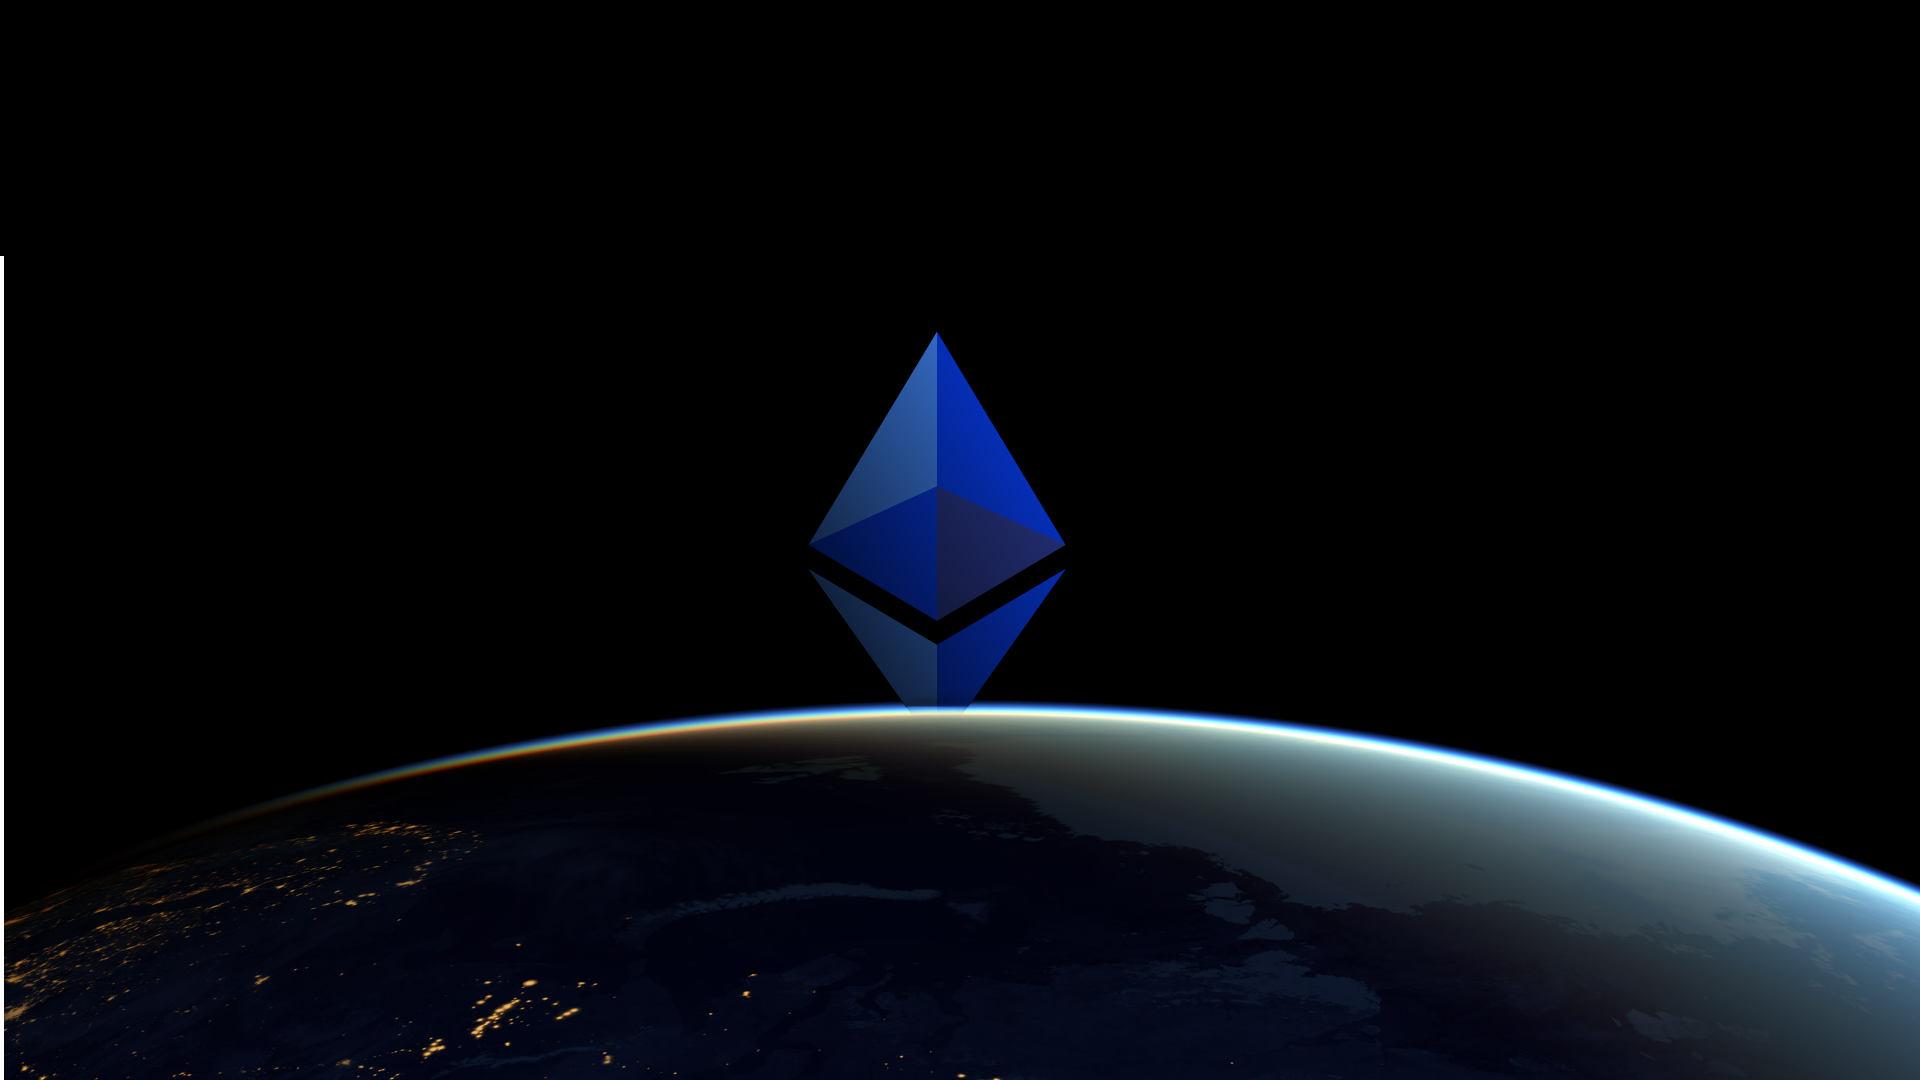 Uma empresa privada de Hong Kong com base em commodities internacionais e ativos digitais anunciou apoio para negociação Ethereum em sua mesa OTC (Over The Counter) para negócios a granel da ETH, a empresa já trabalha com Bitcoin e Dash.